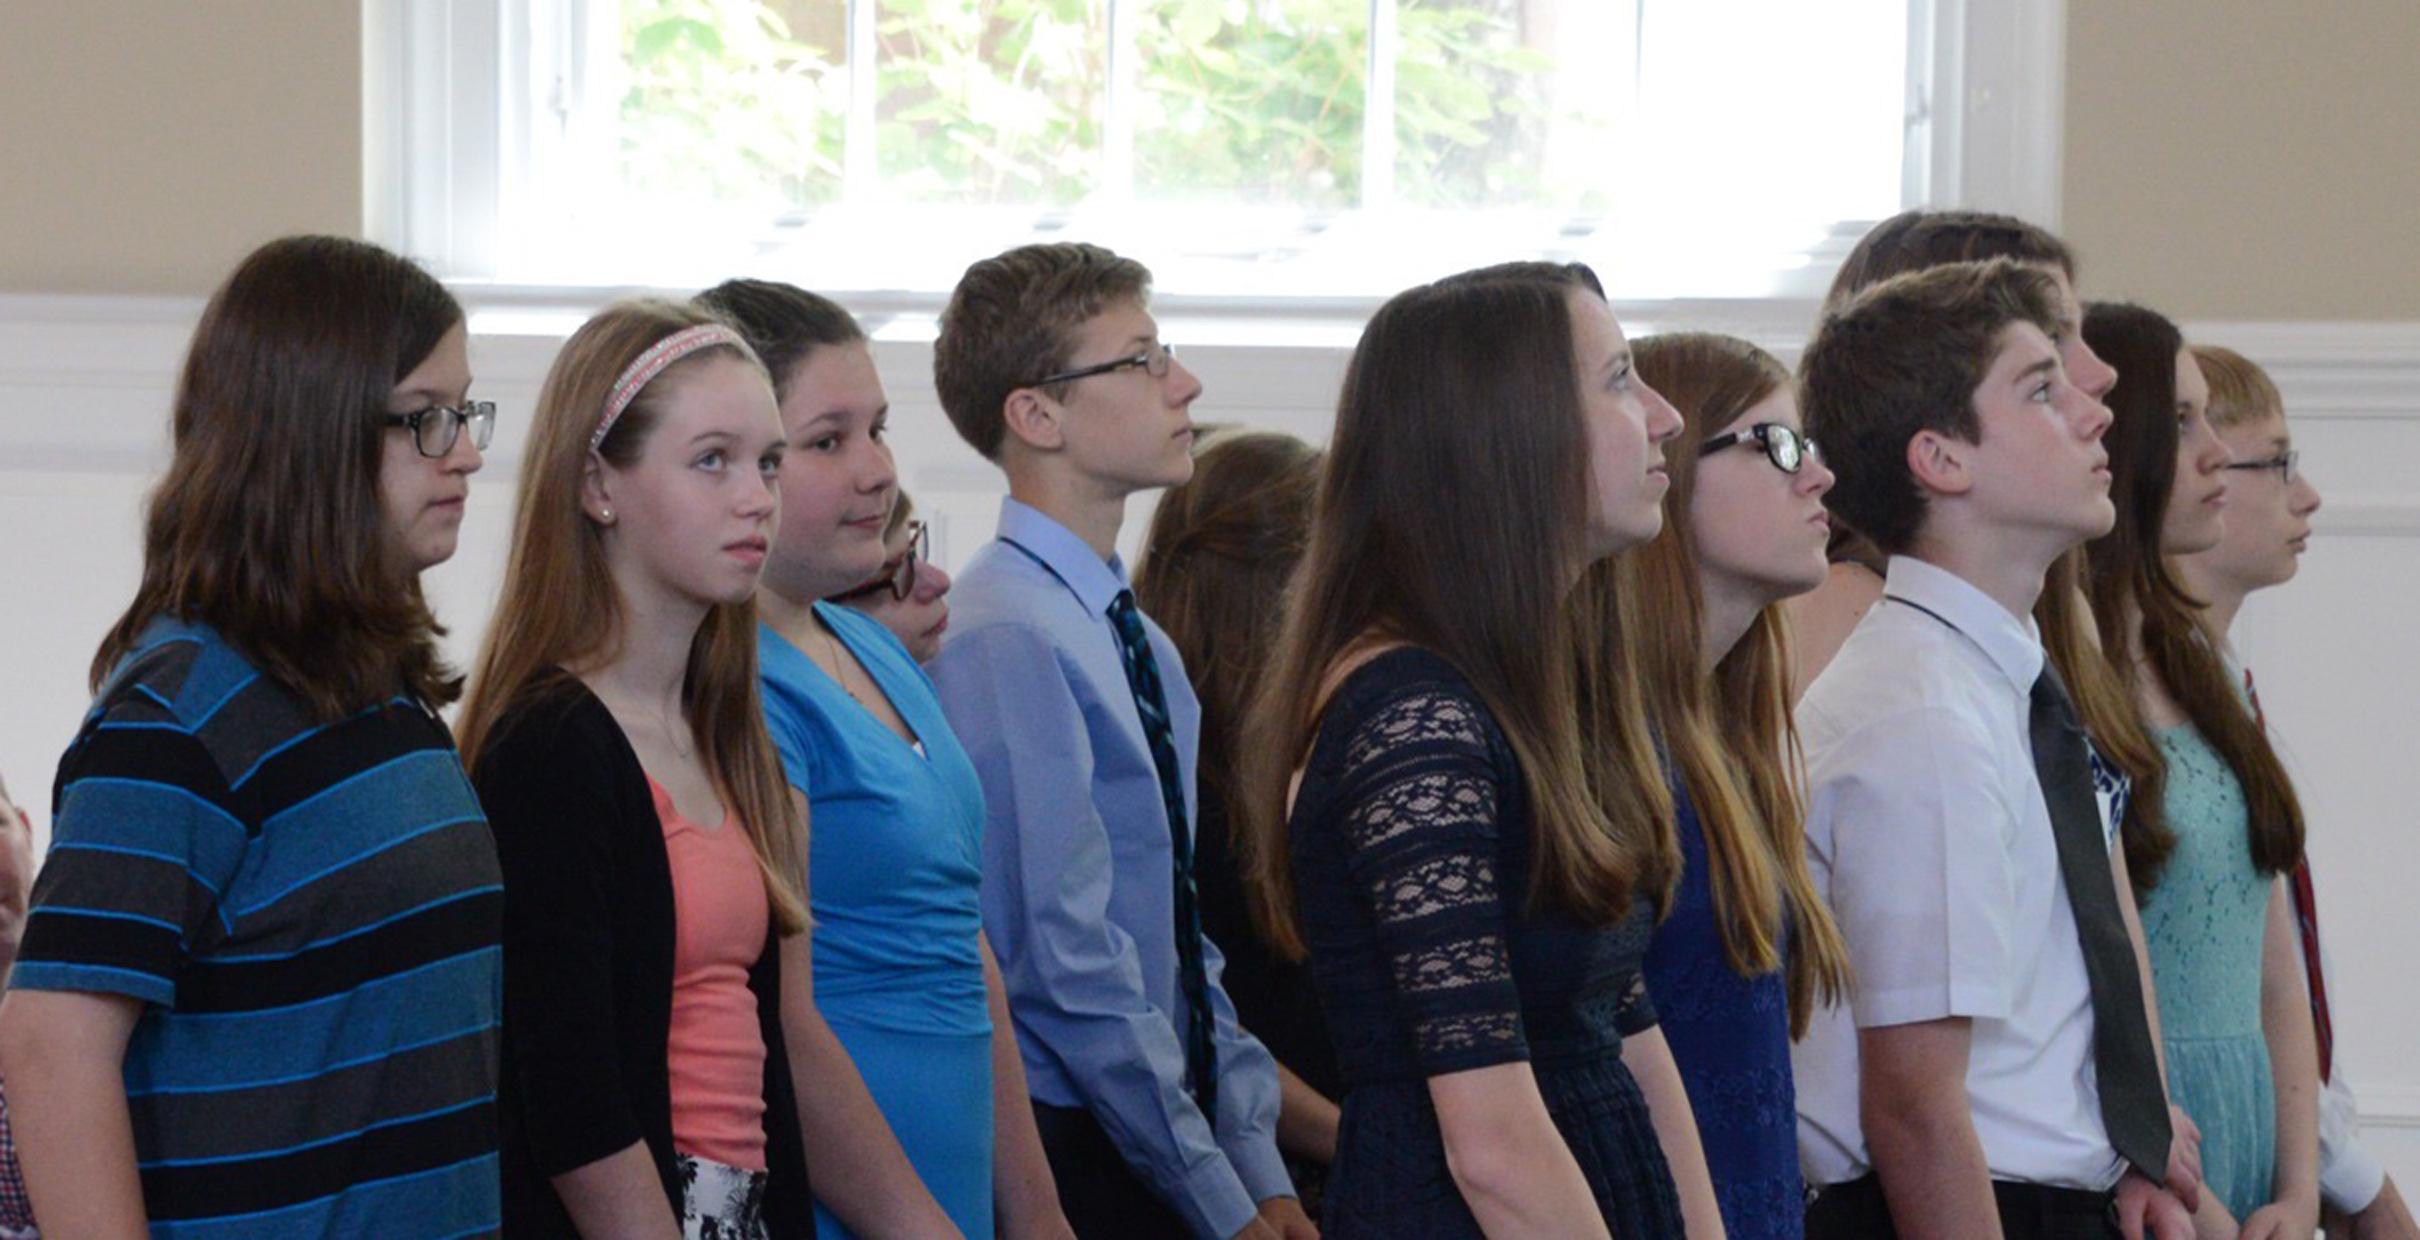 Les classes de confirmation cheminent ensemble vers leur première profession de leur intention de vivre en fidèles disciples de Jésus-Christ. Photo gracieuseté de Brecksville (Ohio) United Methodist Church.